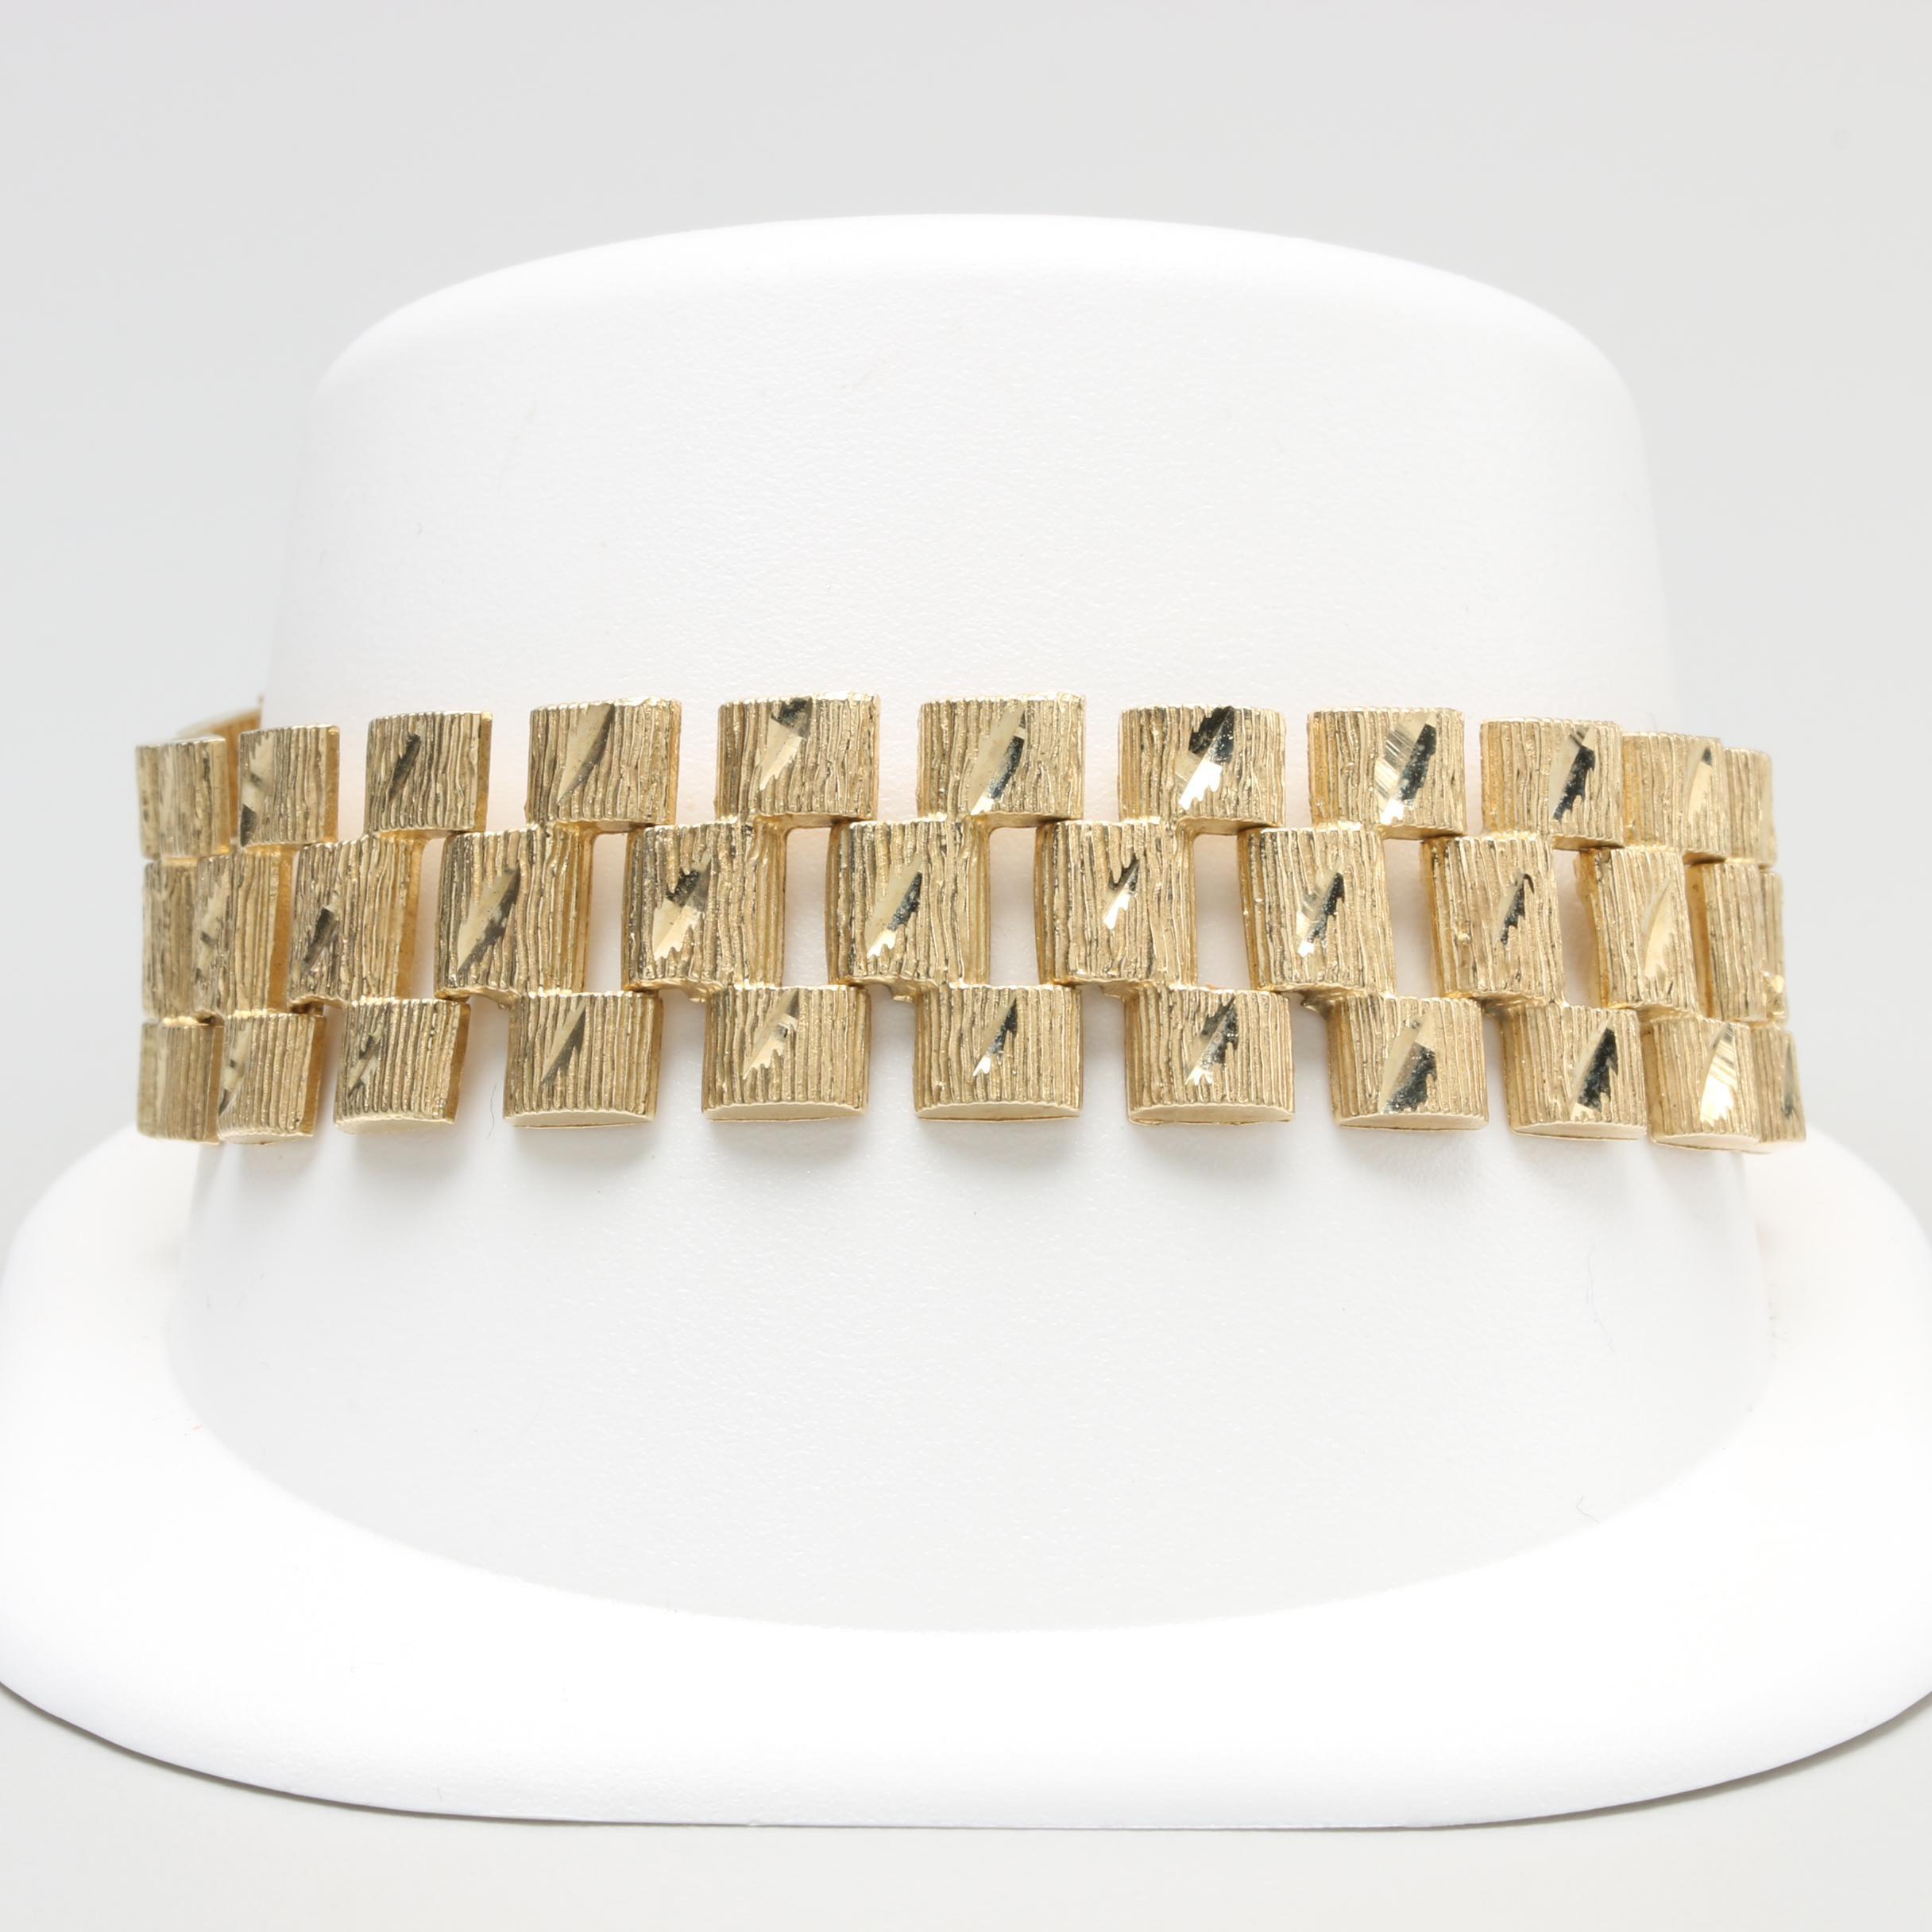 10K Yellow Gold Fancy Link Bracelet